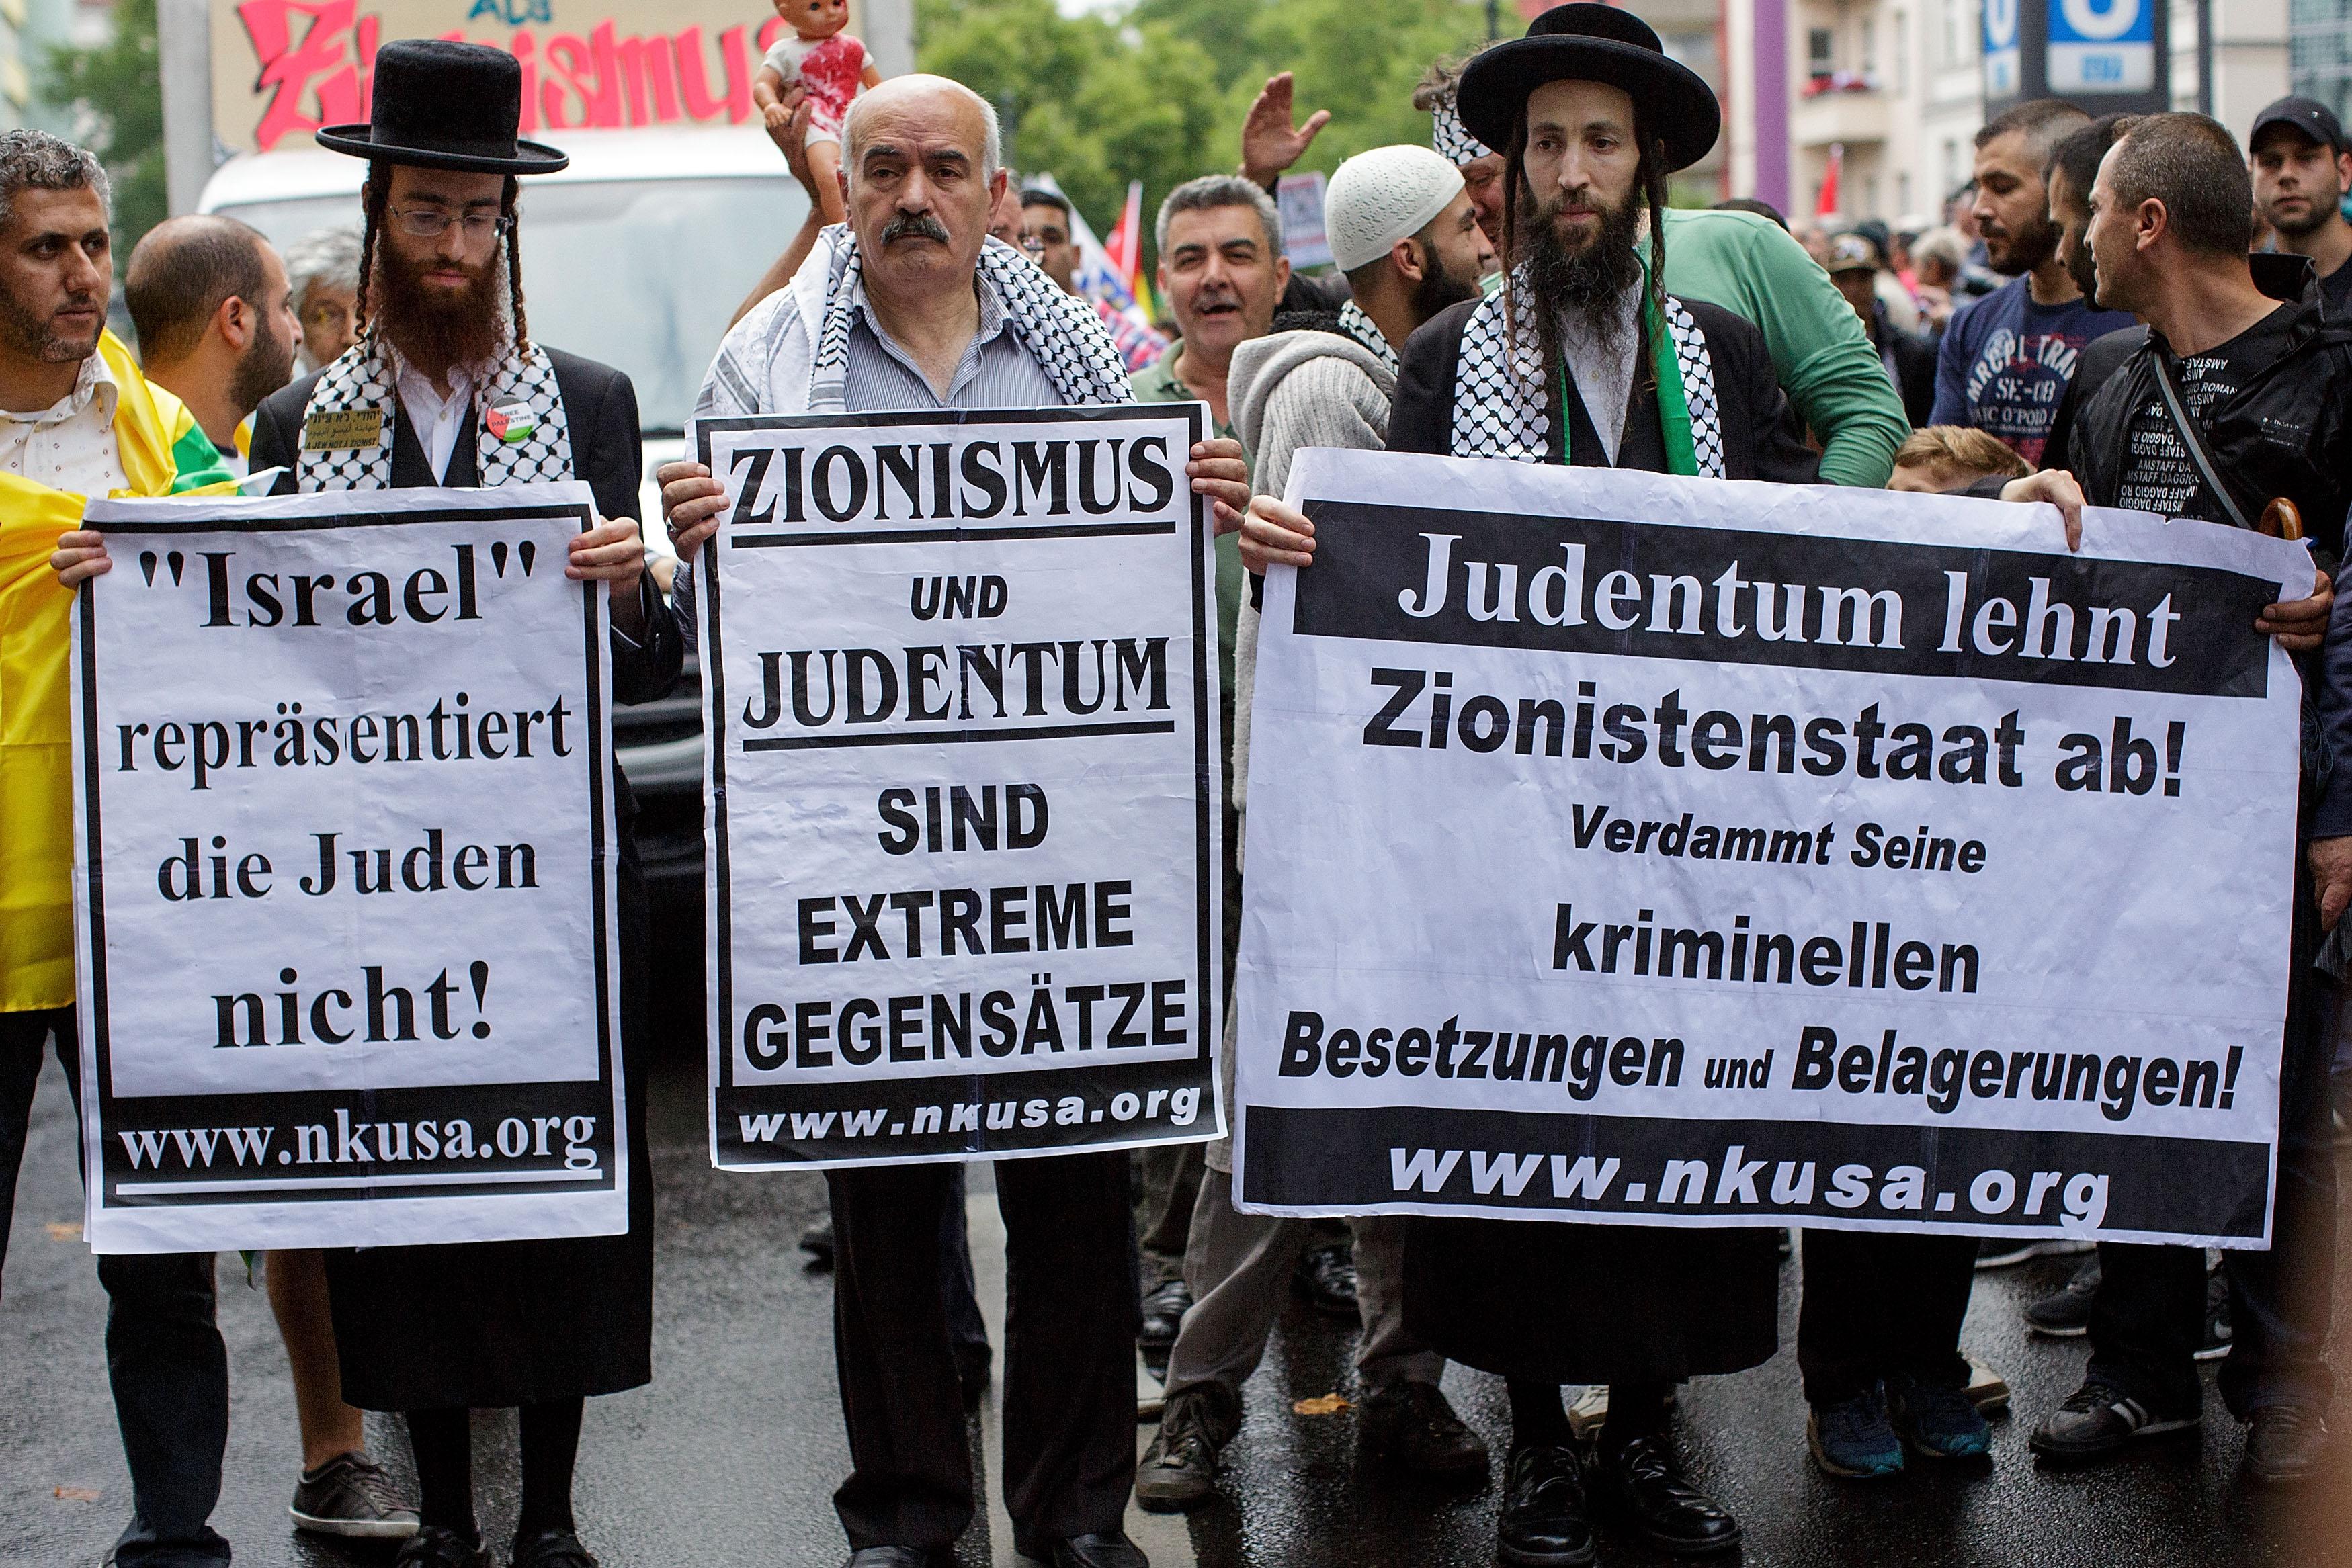 """Israel verbietet Friedensproteste: Fürchtet Netanyahu einen """"Israelischen Frühling""""?"""